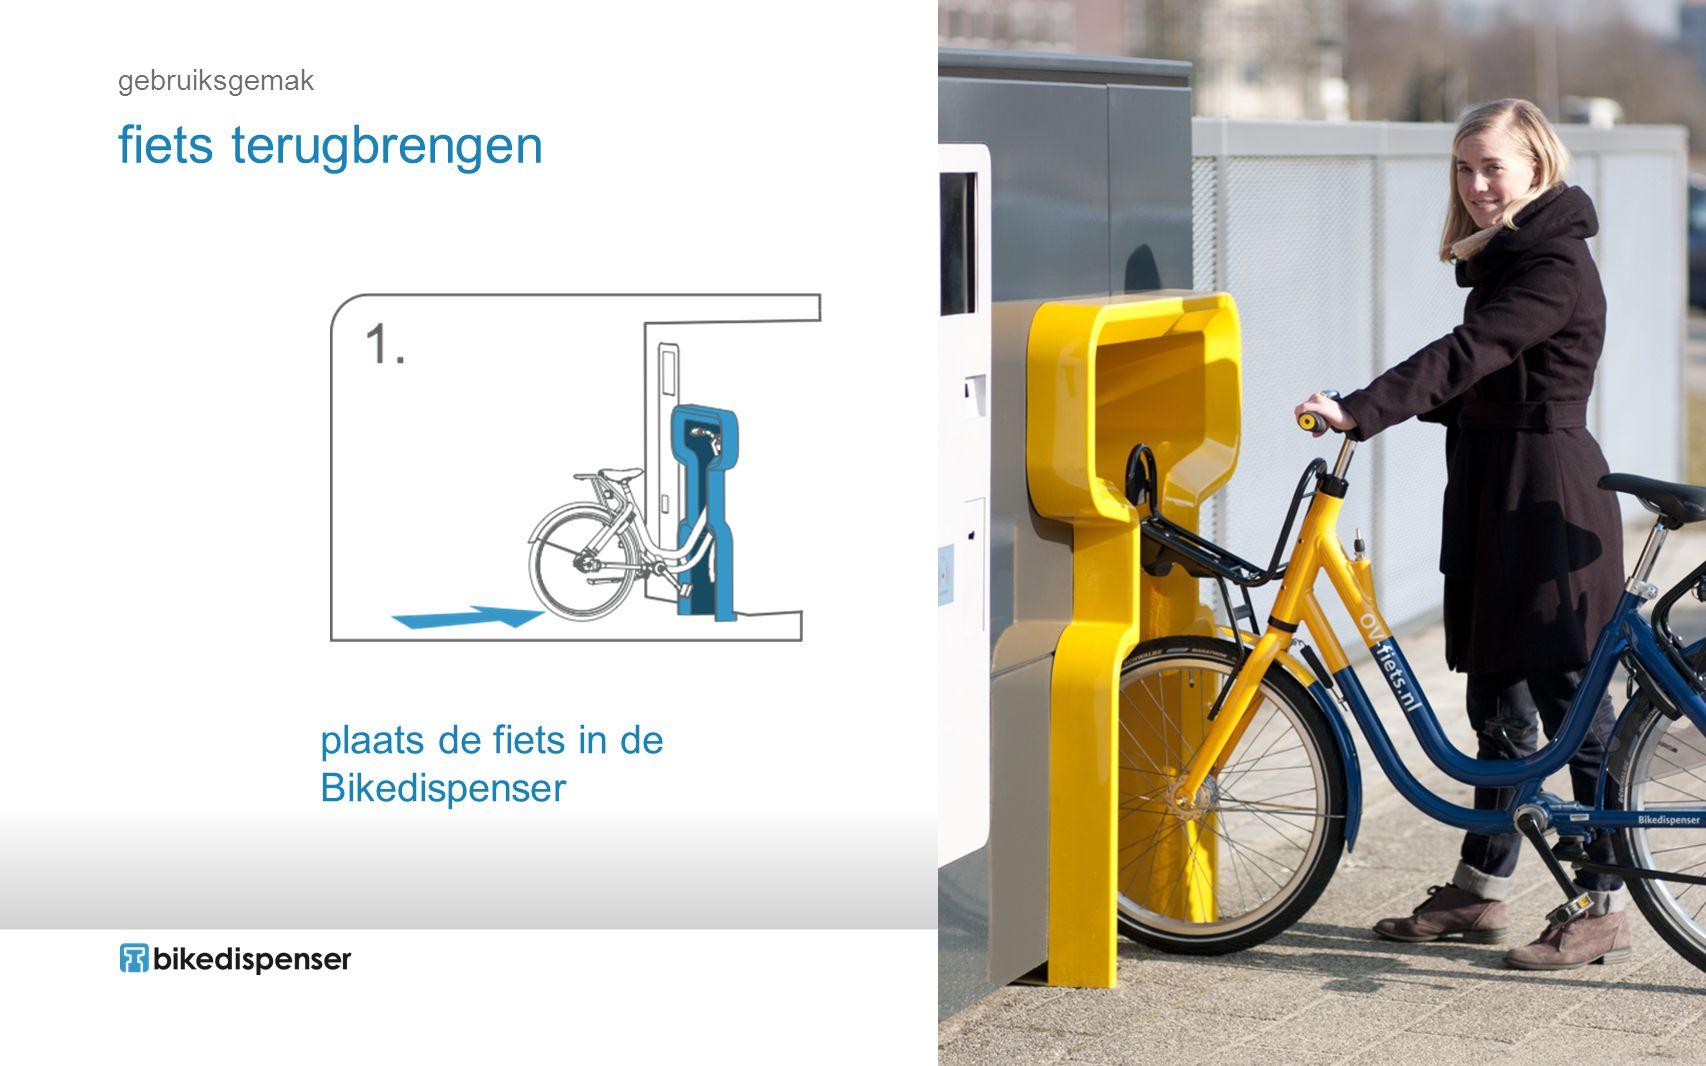 plaats de fiets in de Bikedispenser fiets terugbrengen gebruiksgemak